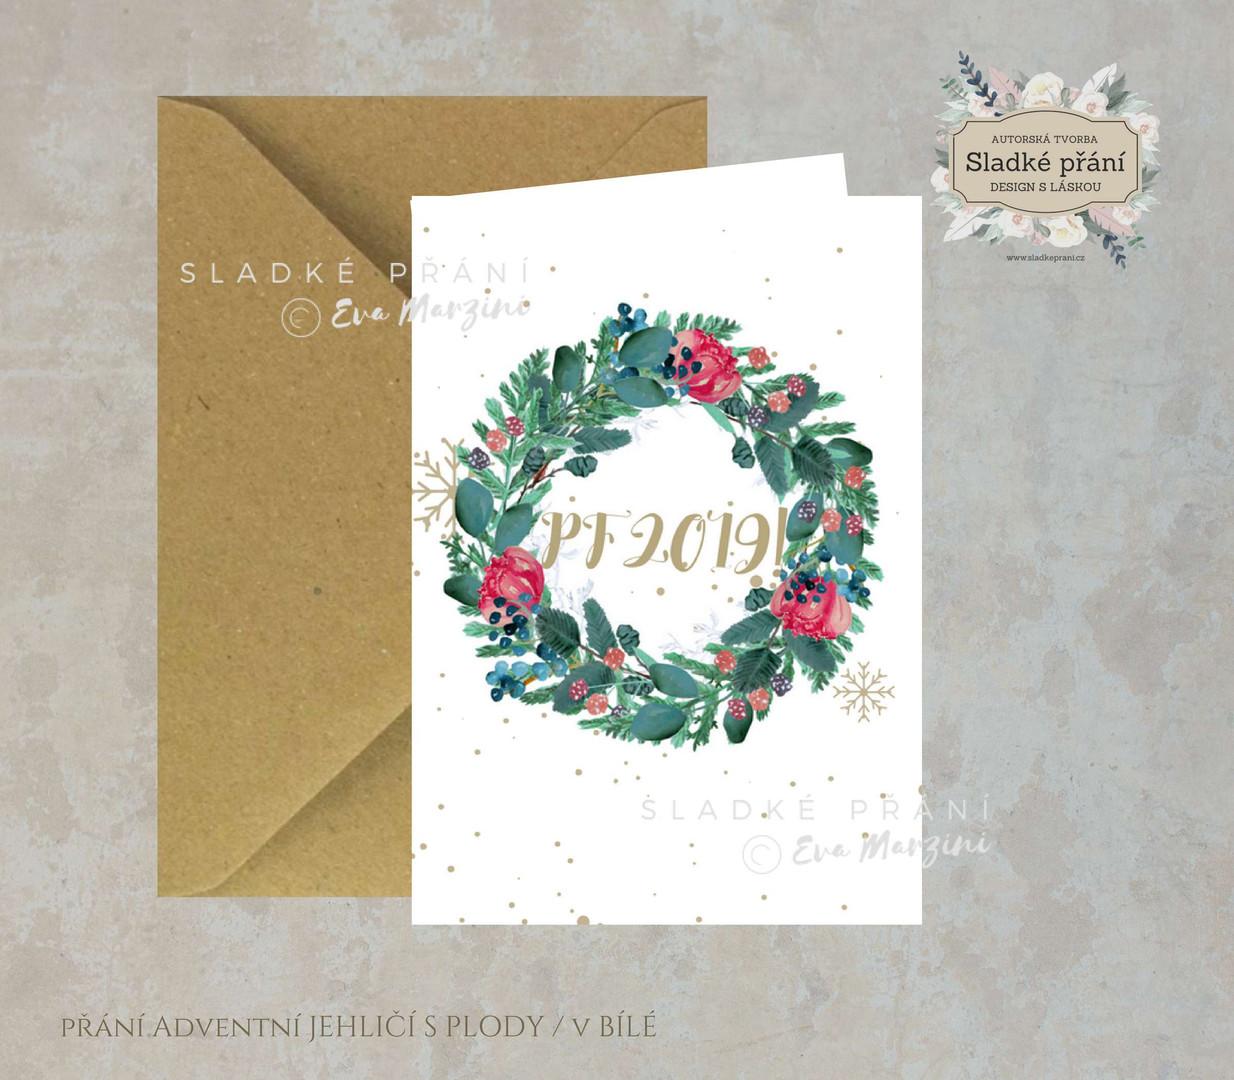 10-Vánoční přání Adventní JEHLIČÍ SPLODY